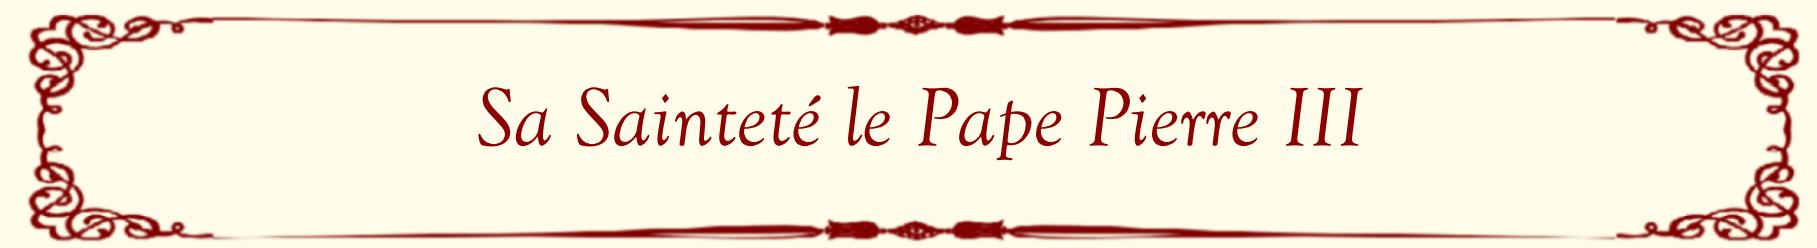 Sa Sainteté le Pape Pierre III